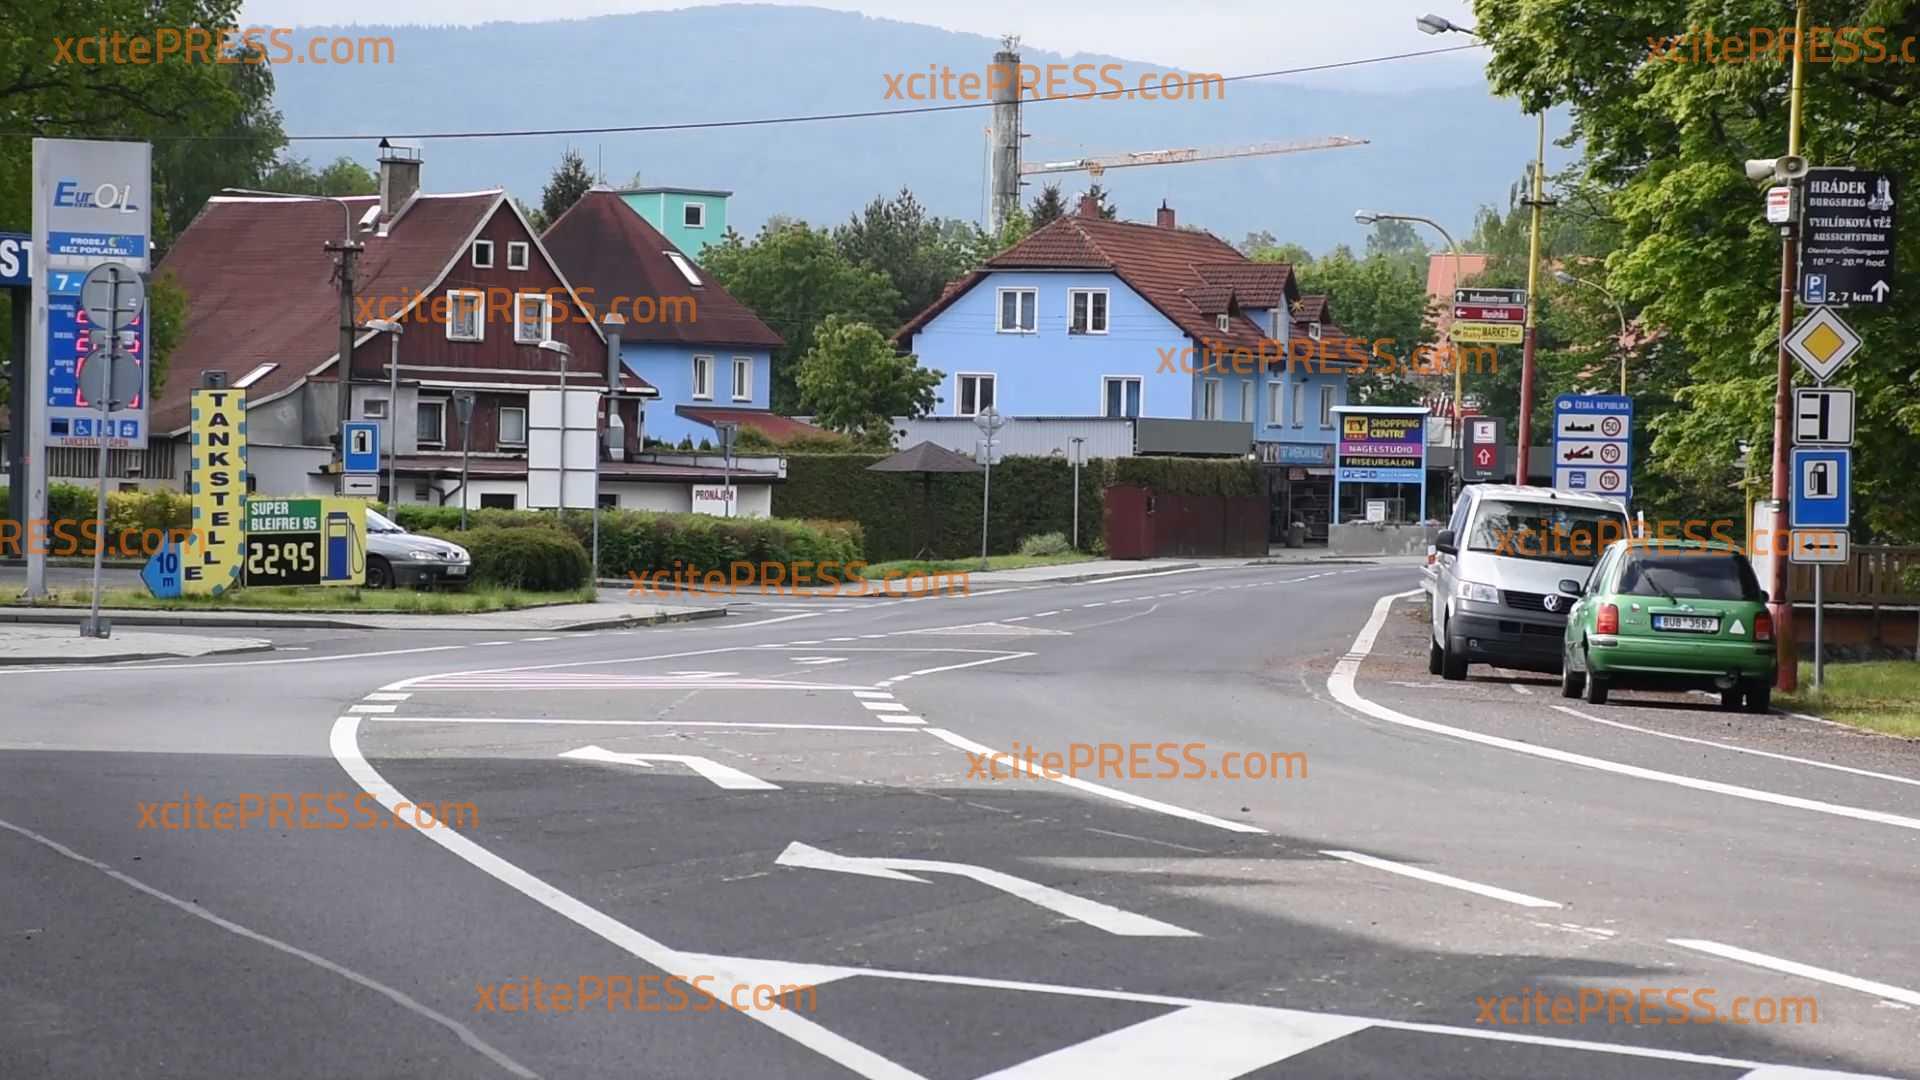 Grenzöffnung trotz Coronavirus: Tschechien macht die Grenzen für Pendler wieder auf: Touristen können aber noch nicht passieren